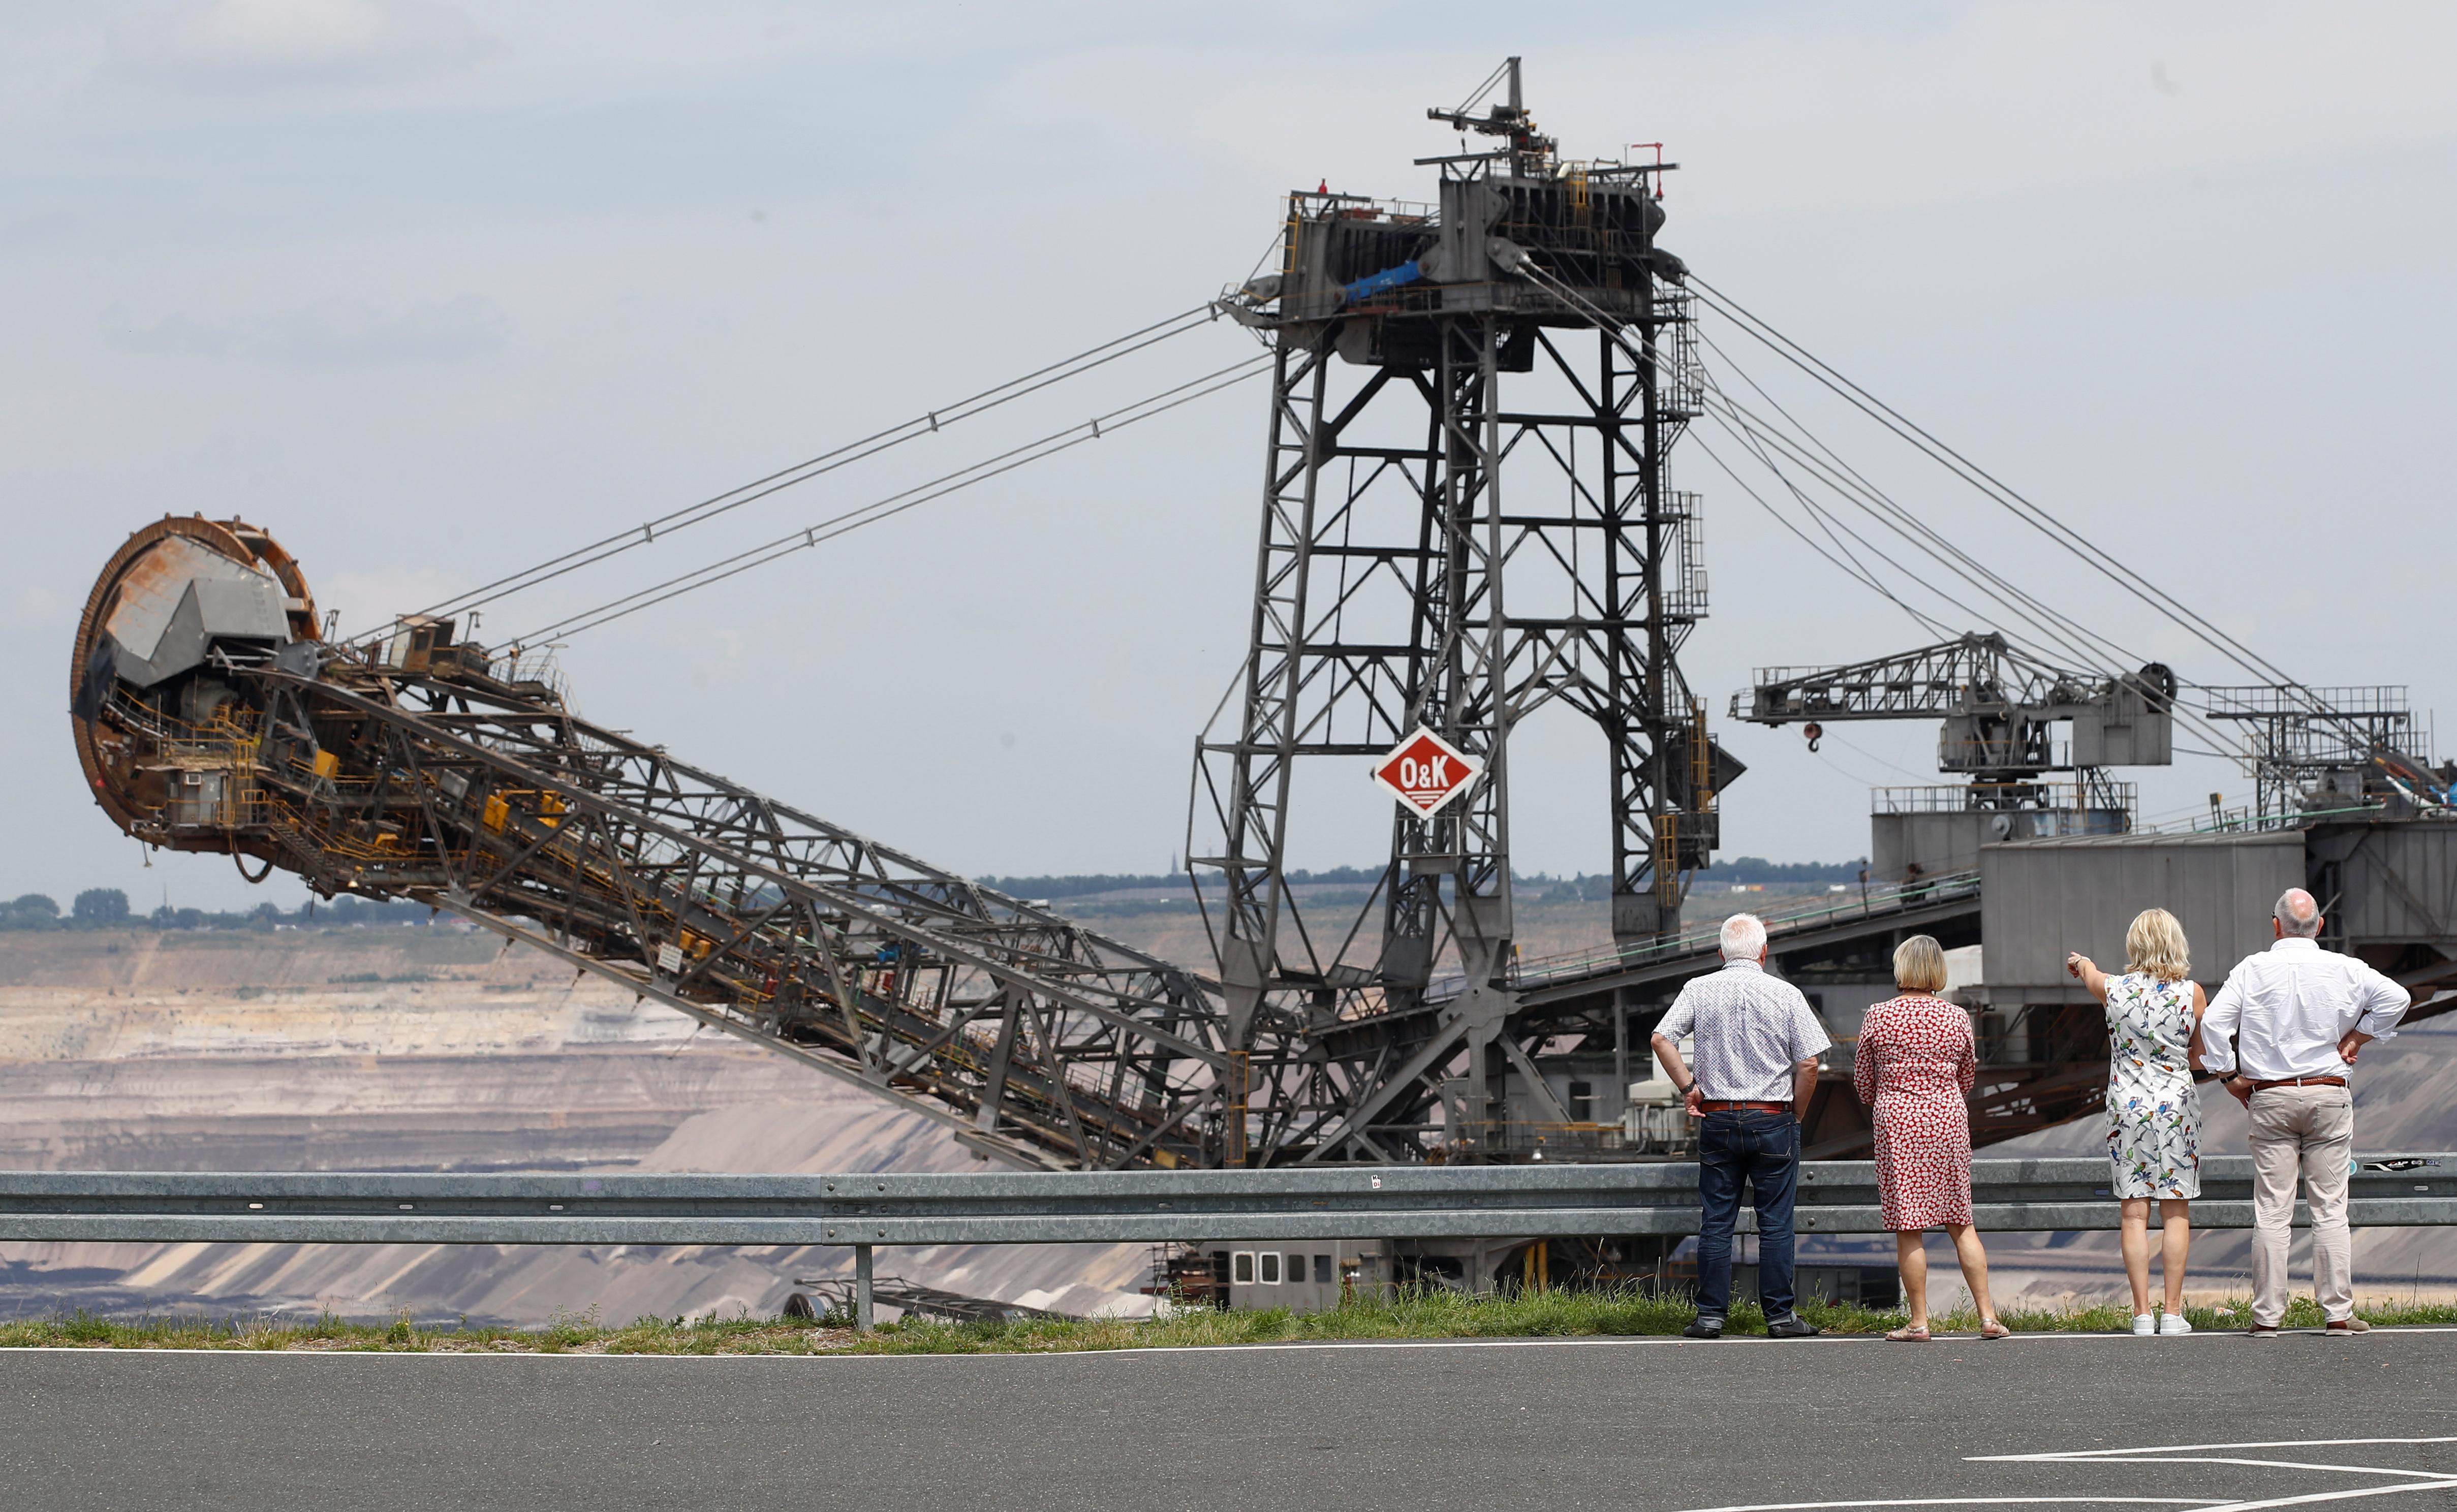 Bund setzt bei Kohle-Ausstieg auf Freiwilligkeit